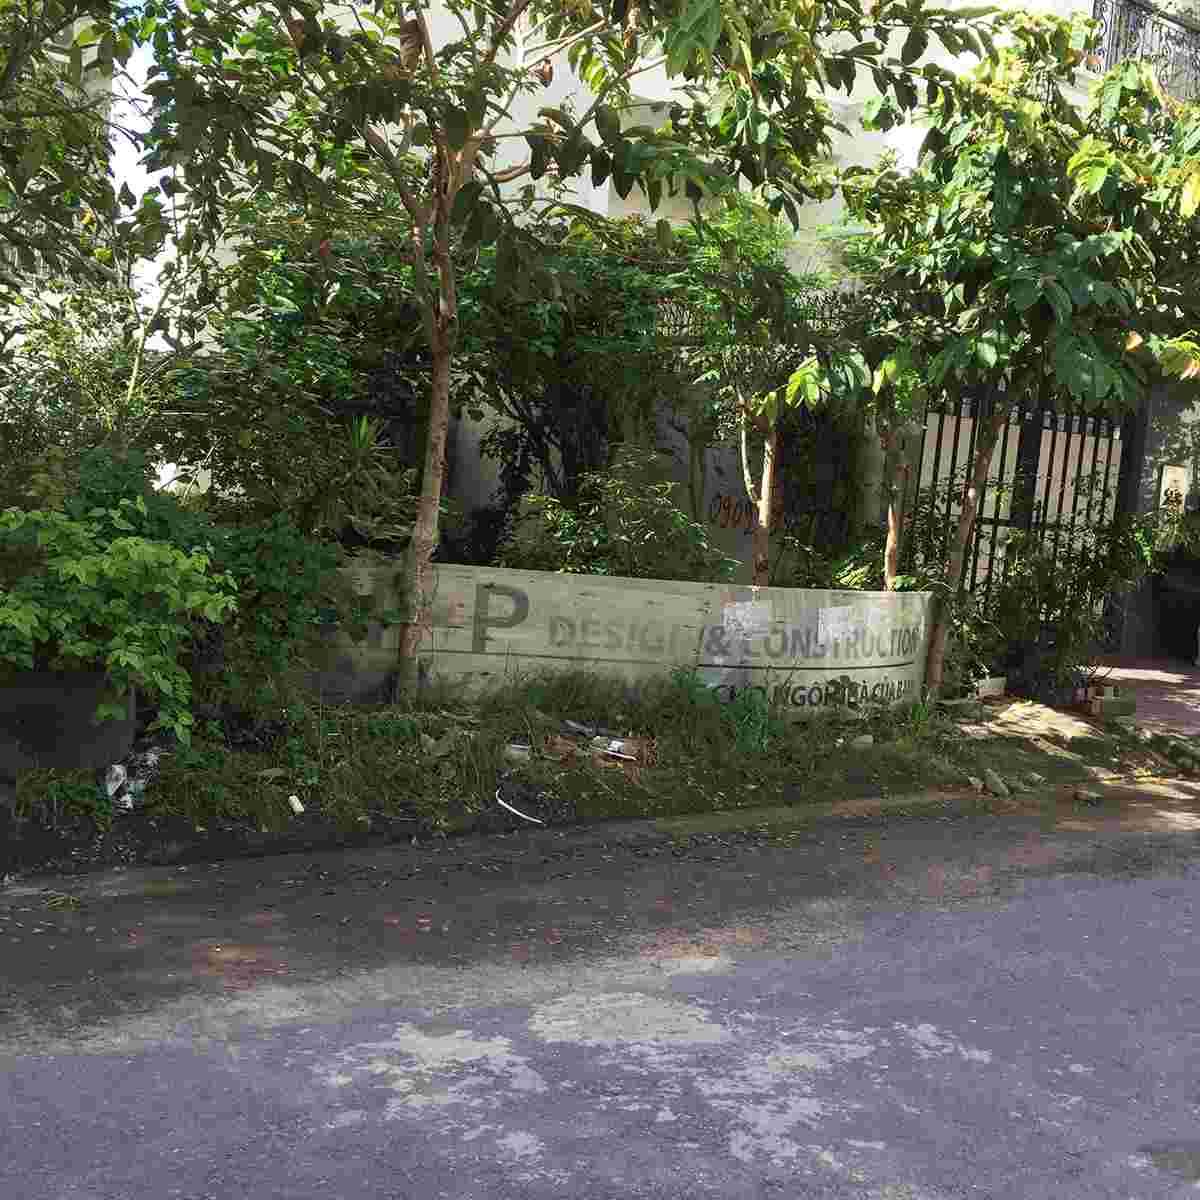 Bán đất nền nhà phố Him Lam Kênh Tẻ Quận 7, vị trí đẹp, giá 125 trieu/m2, diện tích 100m2. LH: 0913.050.053